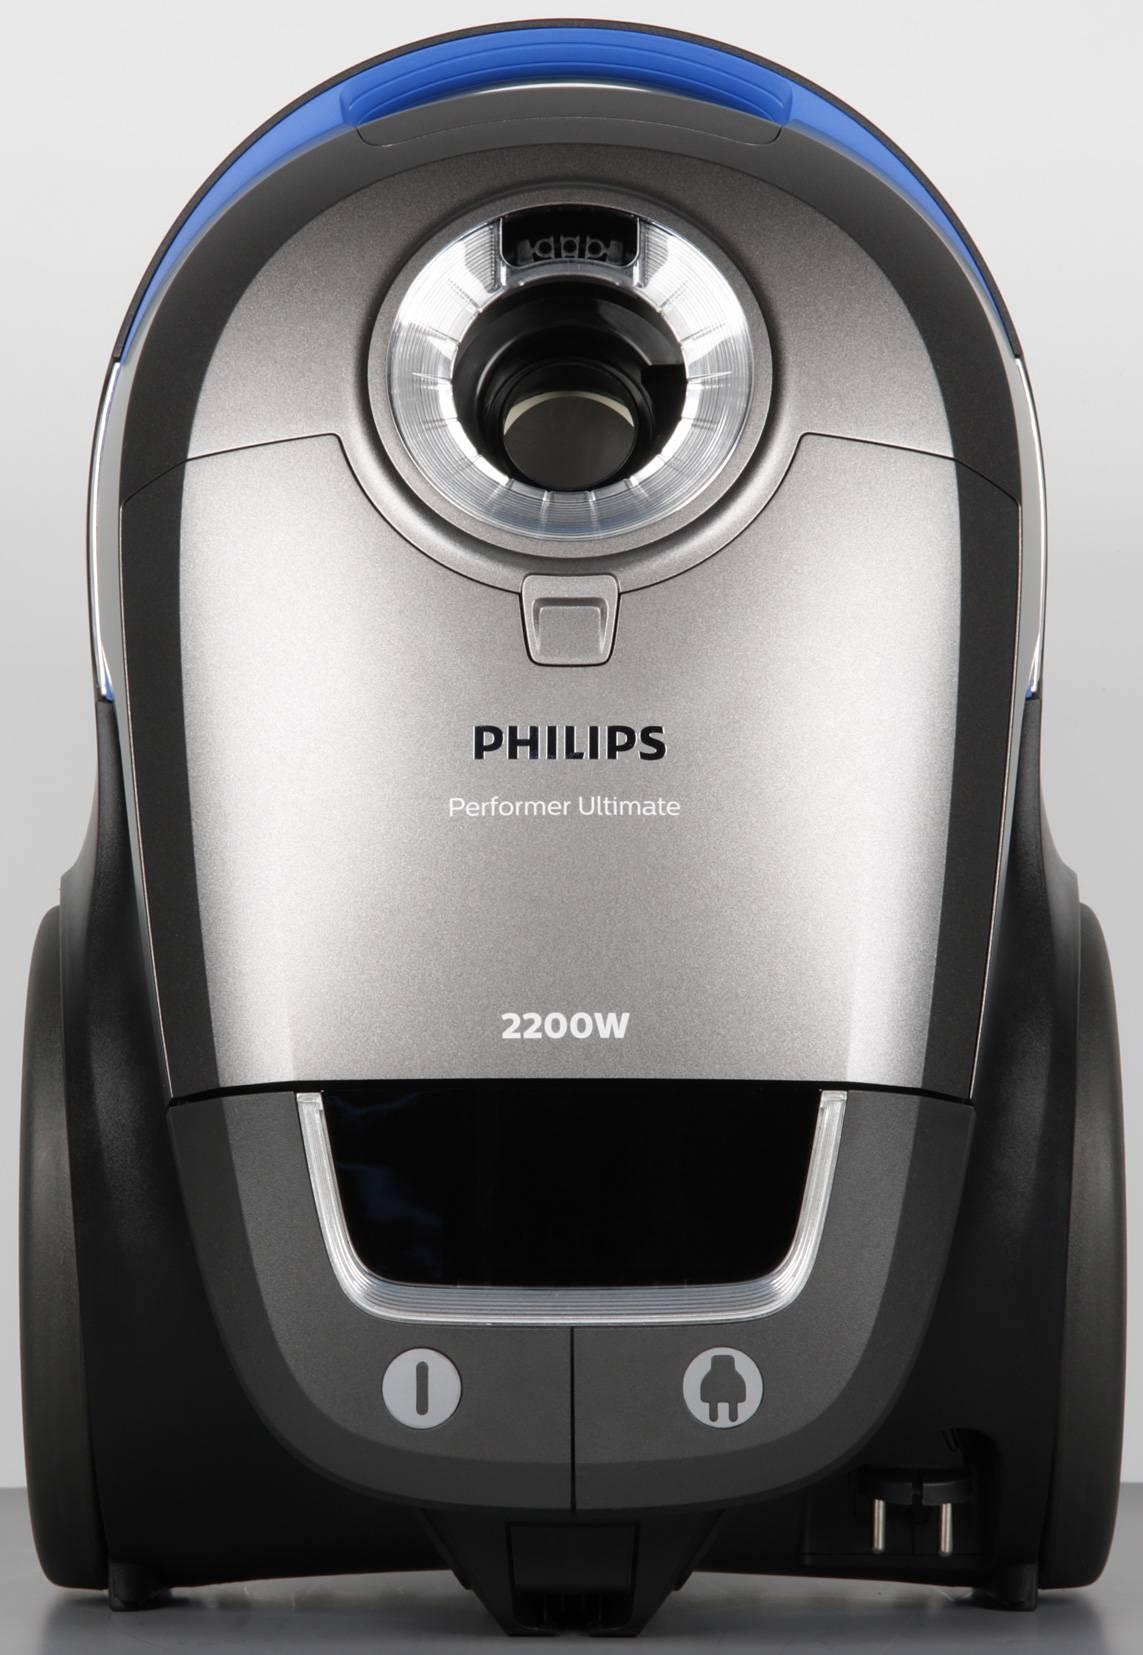 Пылесос philips fc 9174: описание, характеристики, отзывы